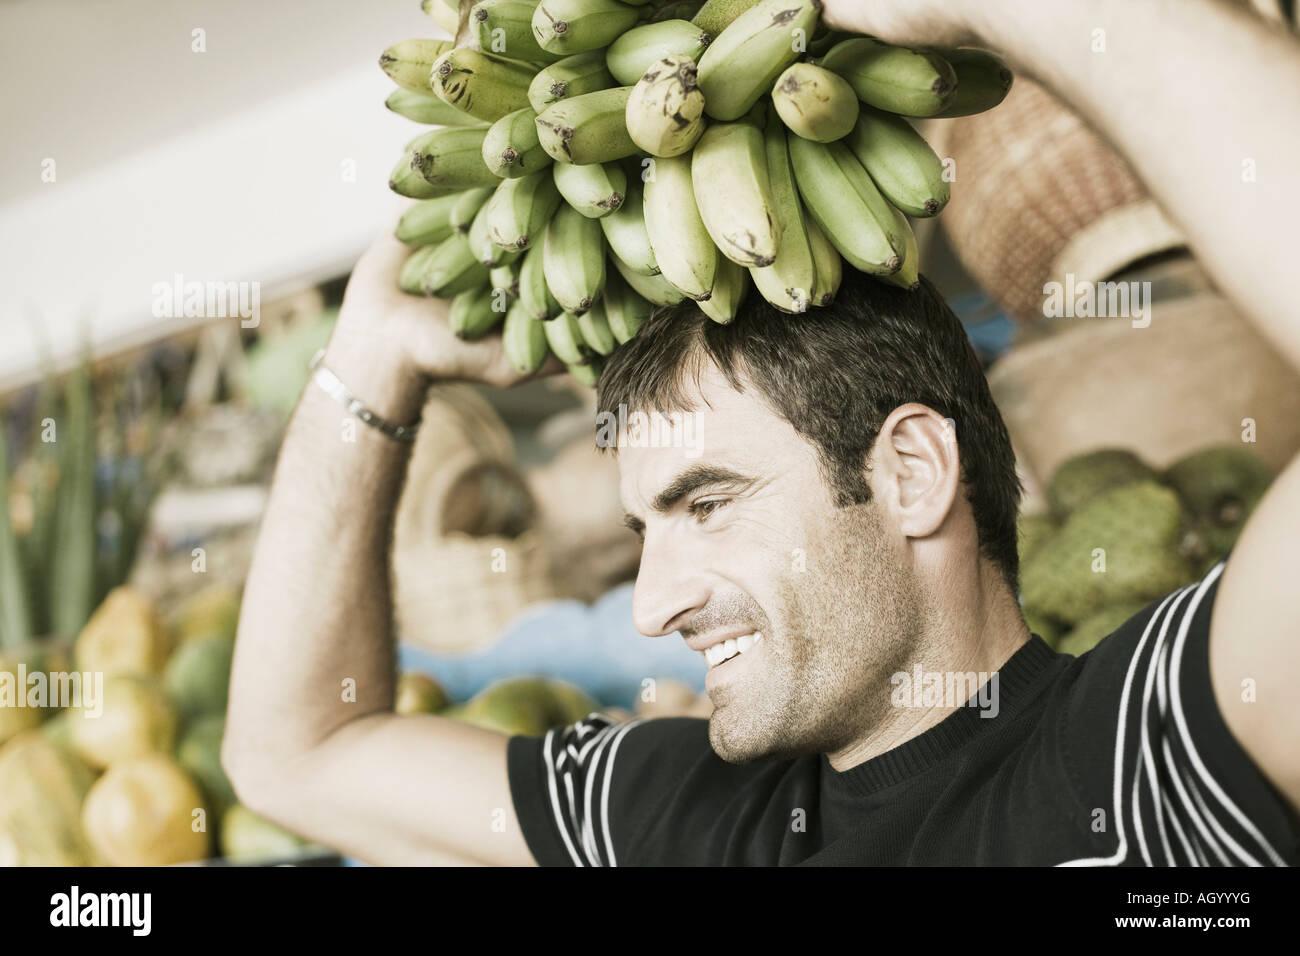 Nahaufnahme eines Mitte erwachsenen Mannes trägt ein Bündel Bananen auf dem Kopf Stockbild